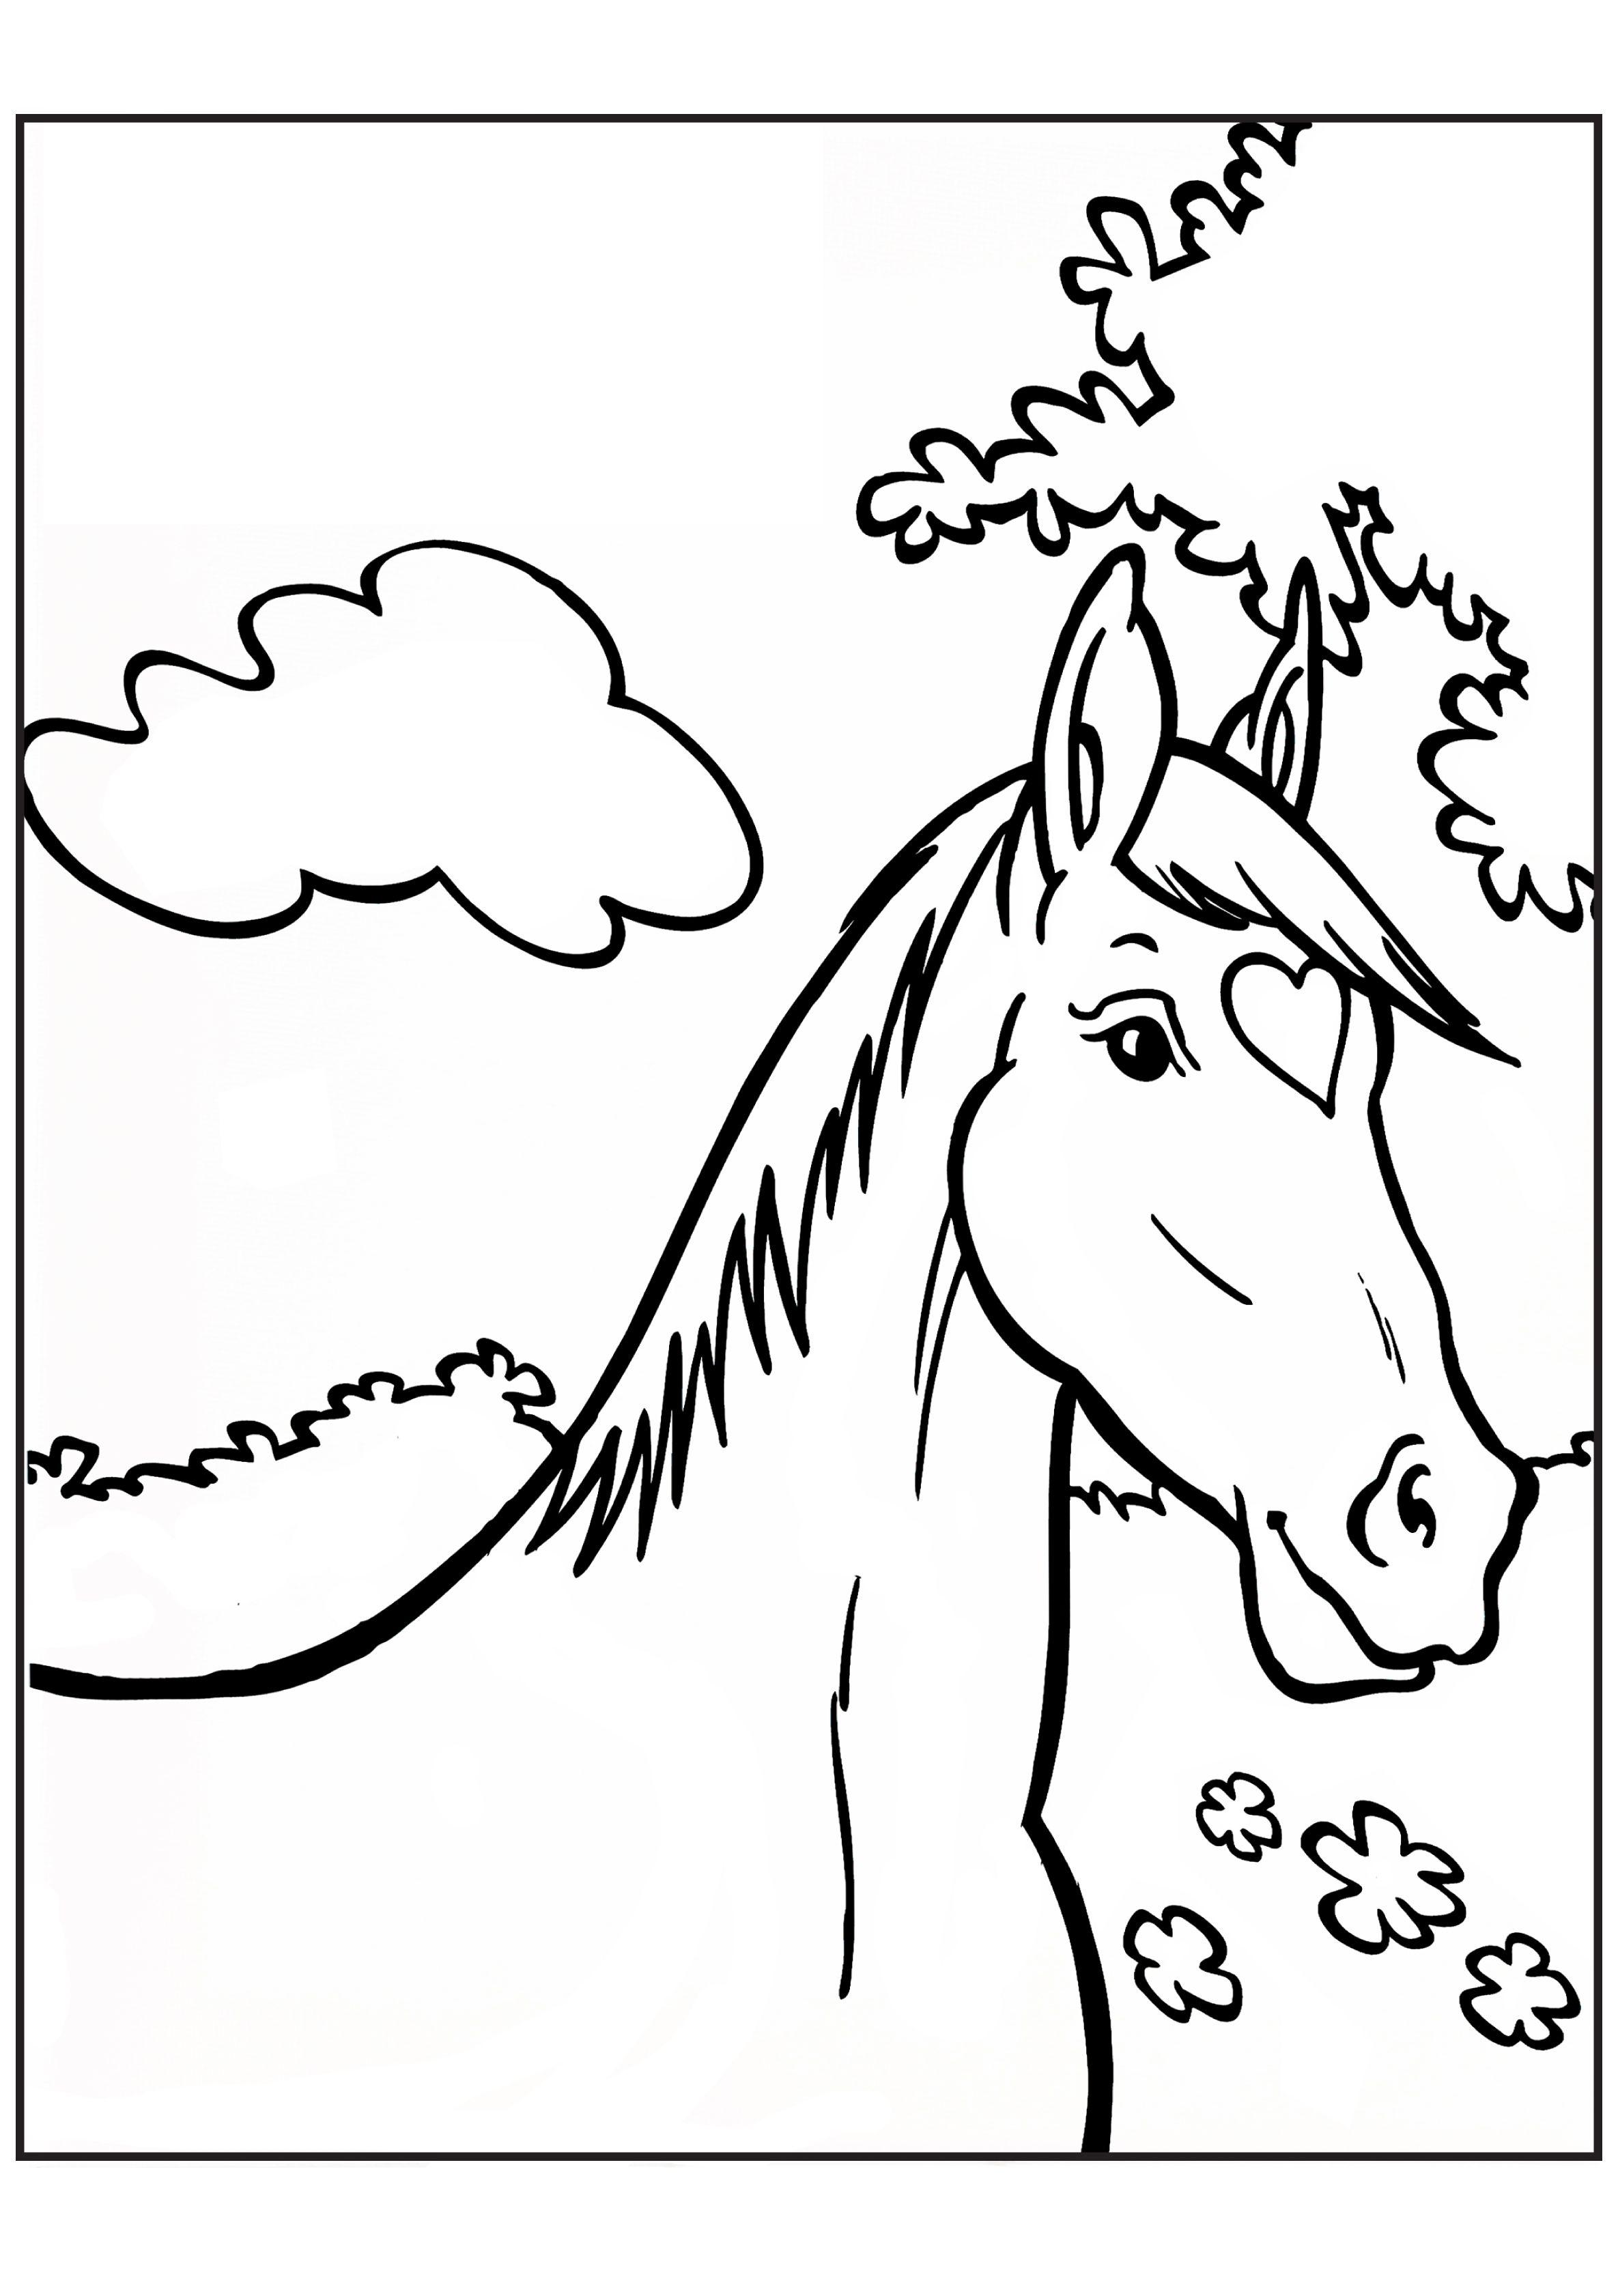 kleurplaat paard free prints